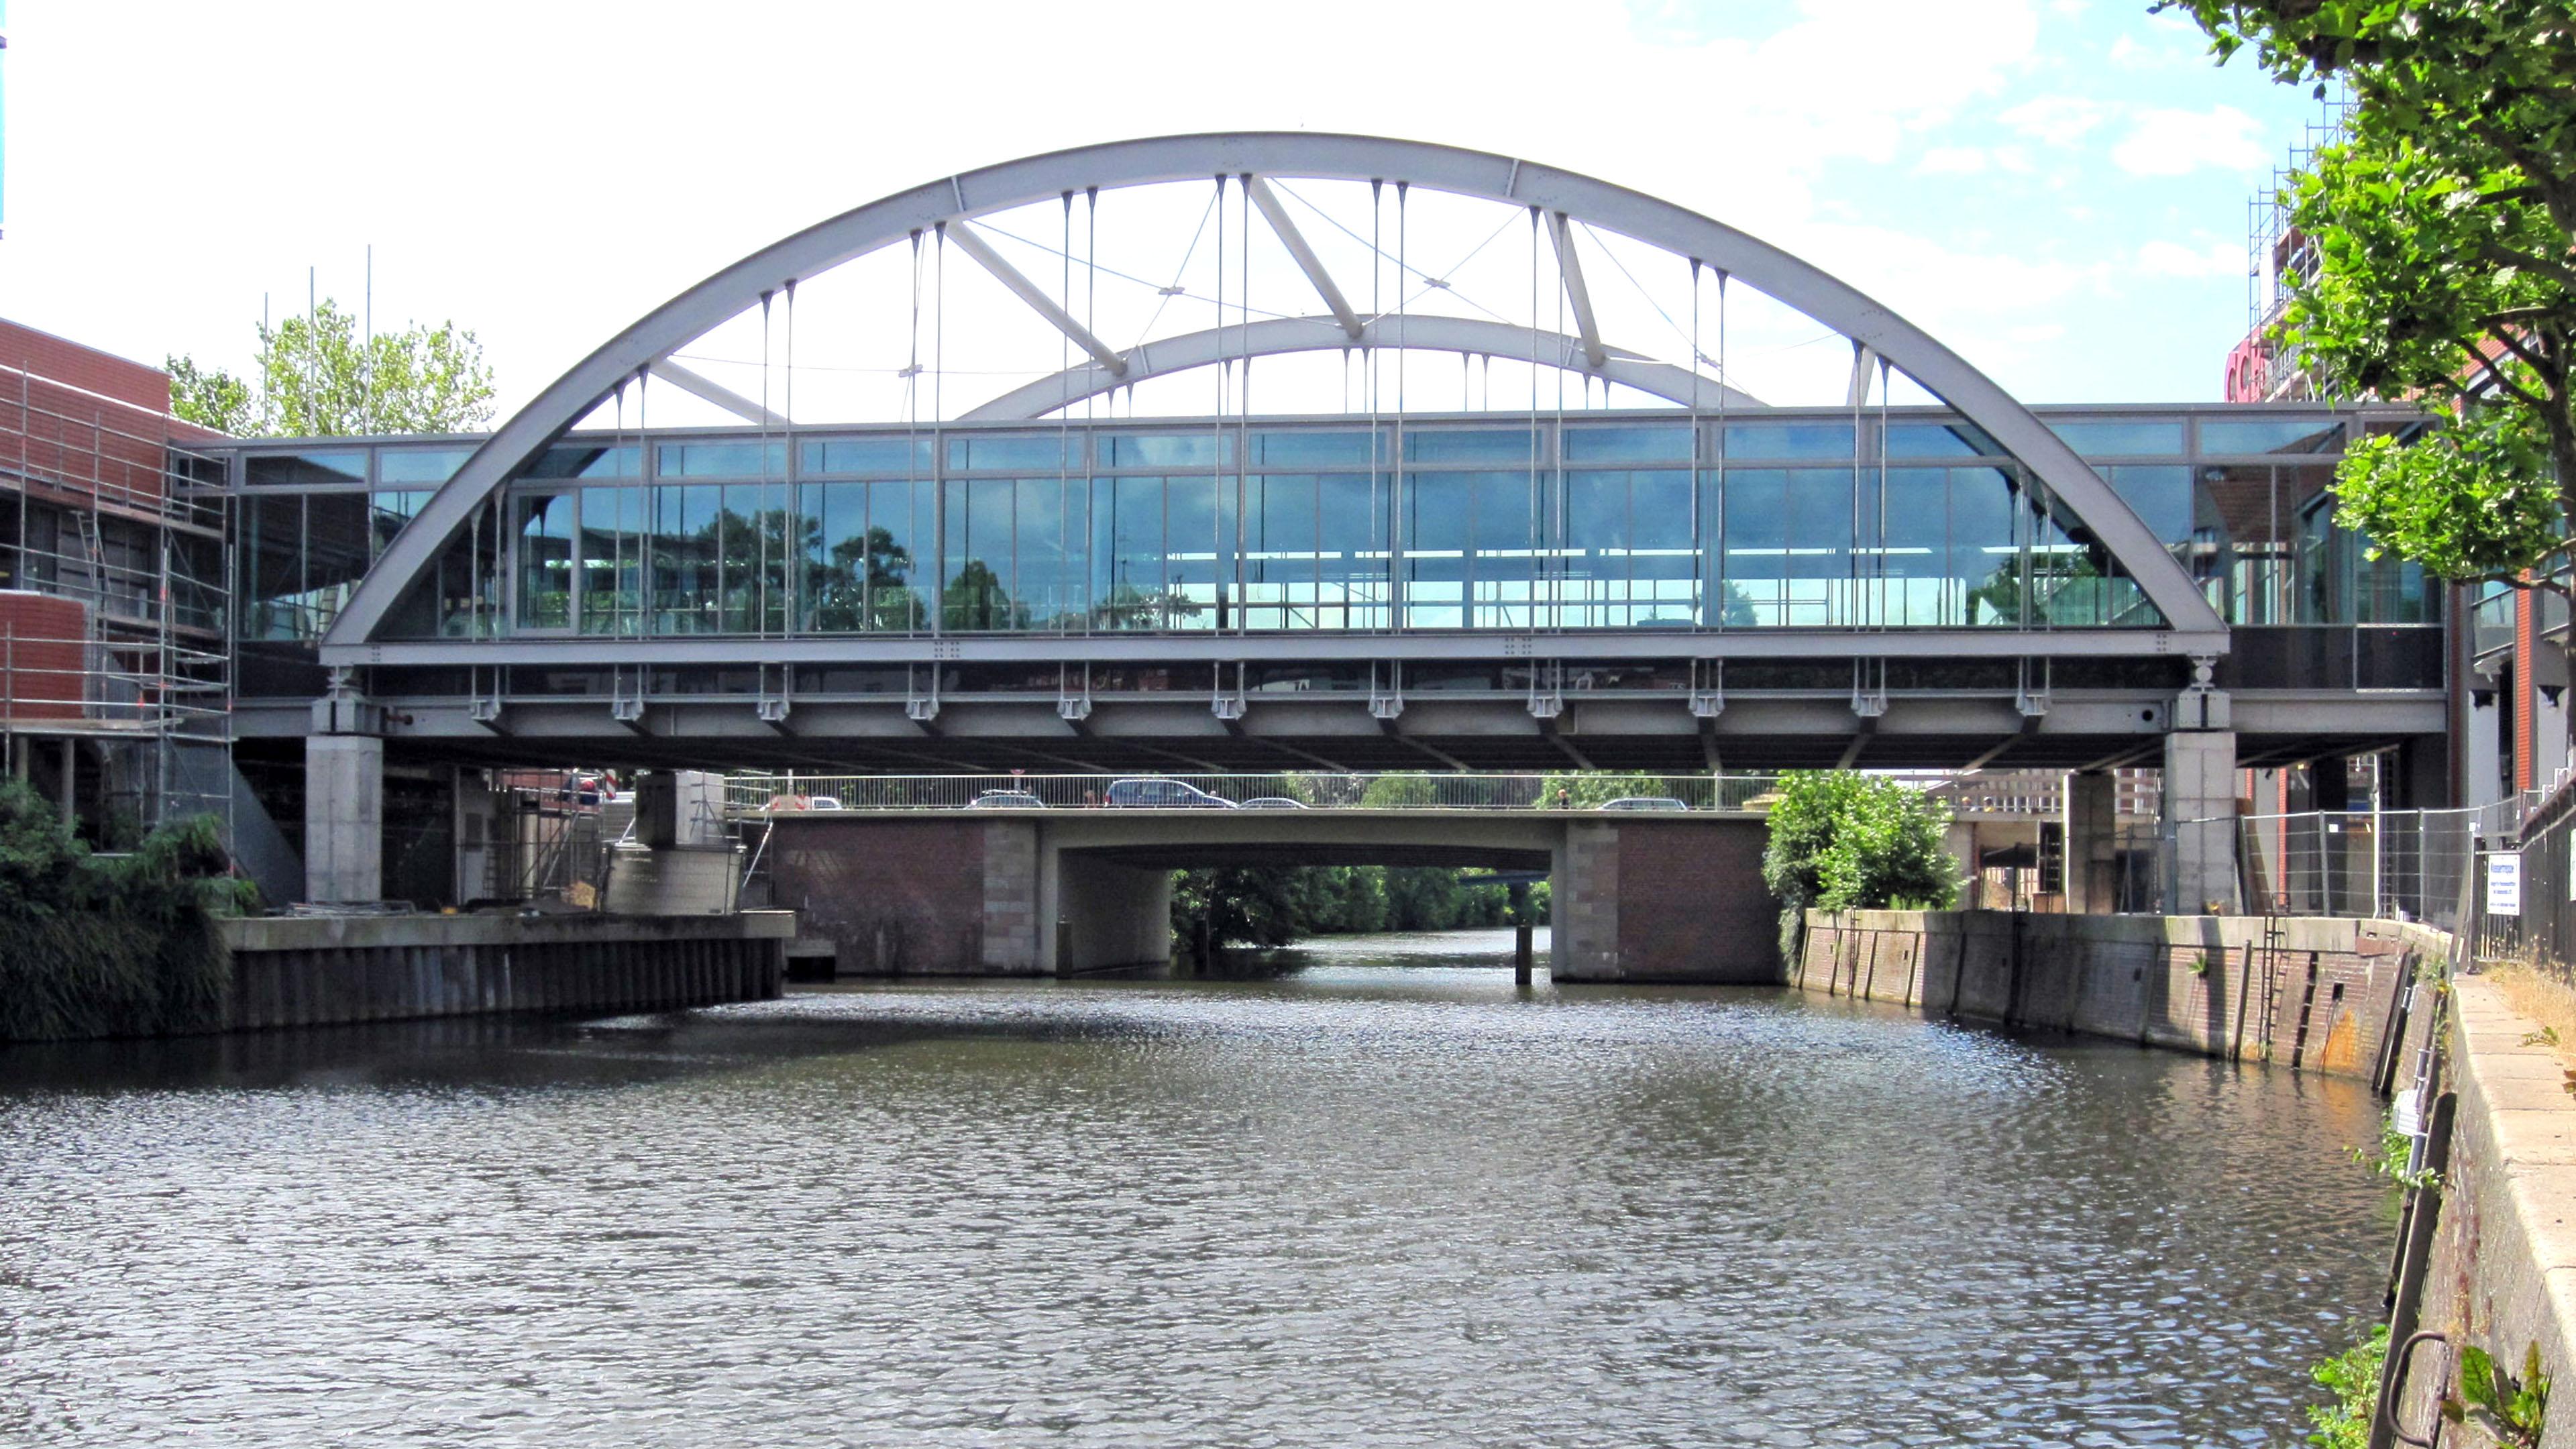 Verglaste Verbindungsbrücke mit Stahlbögen